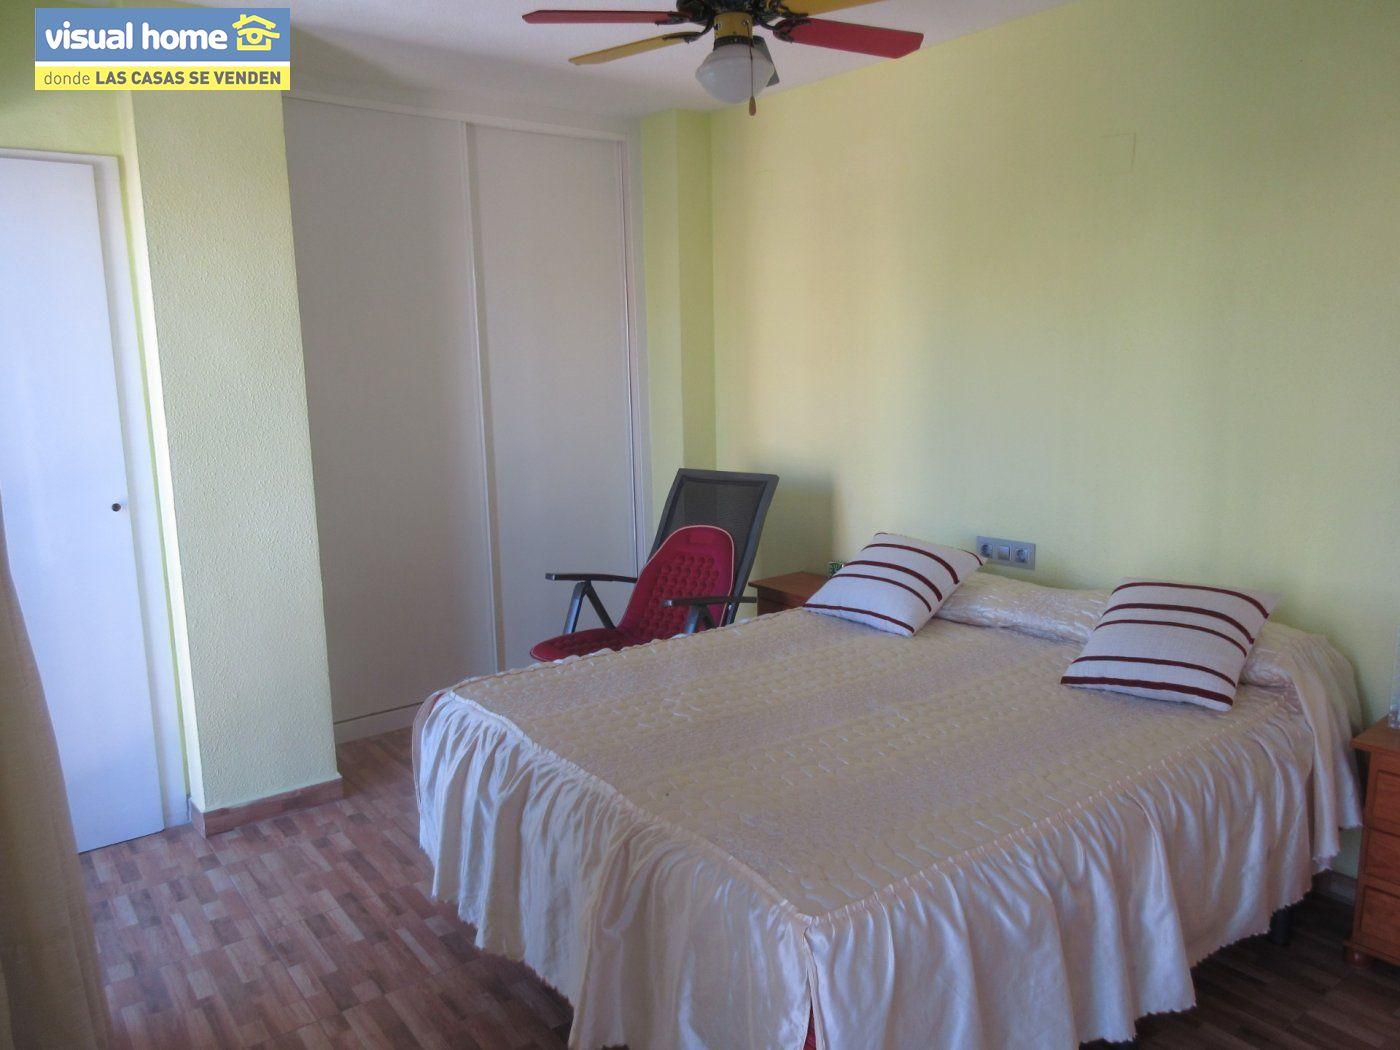 Apartamento todo exterior en Av/ Mediterráneo con garaje y piscina a 50 mts de la playa 12